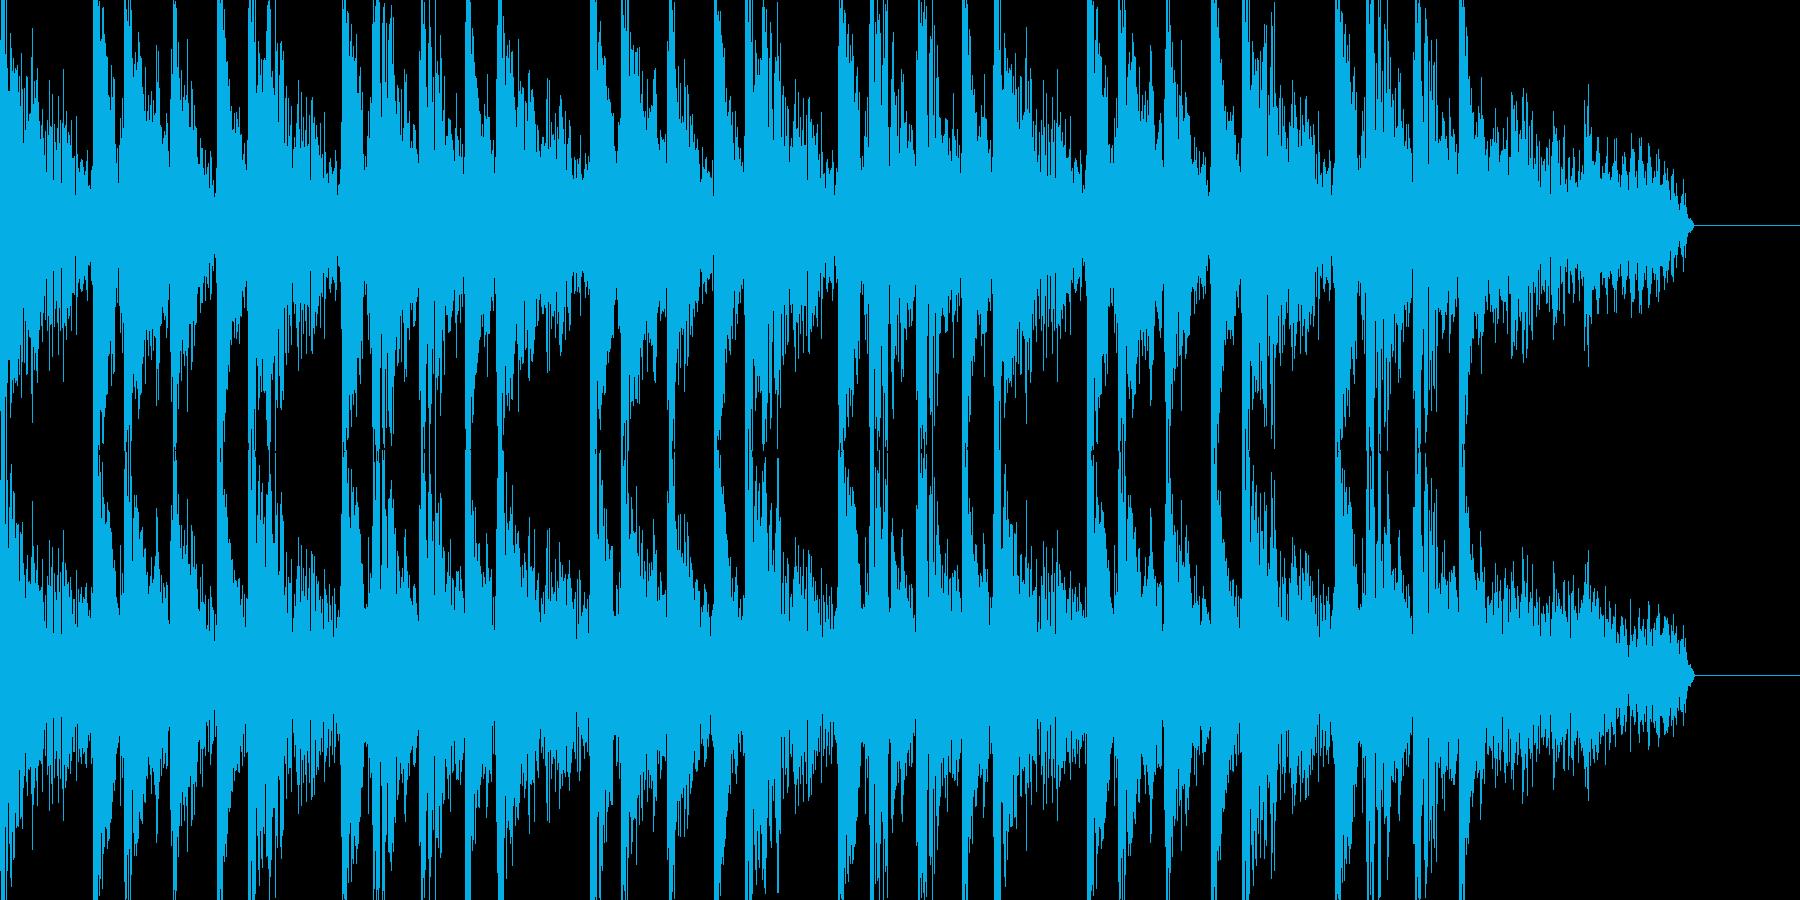 ジャズテイストでおしゃれなBGMの再生済みの波形